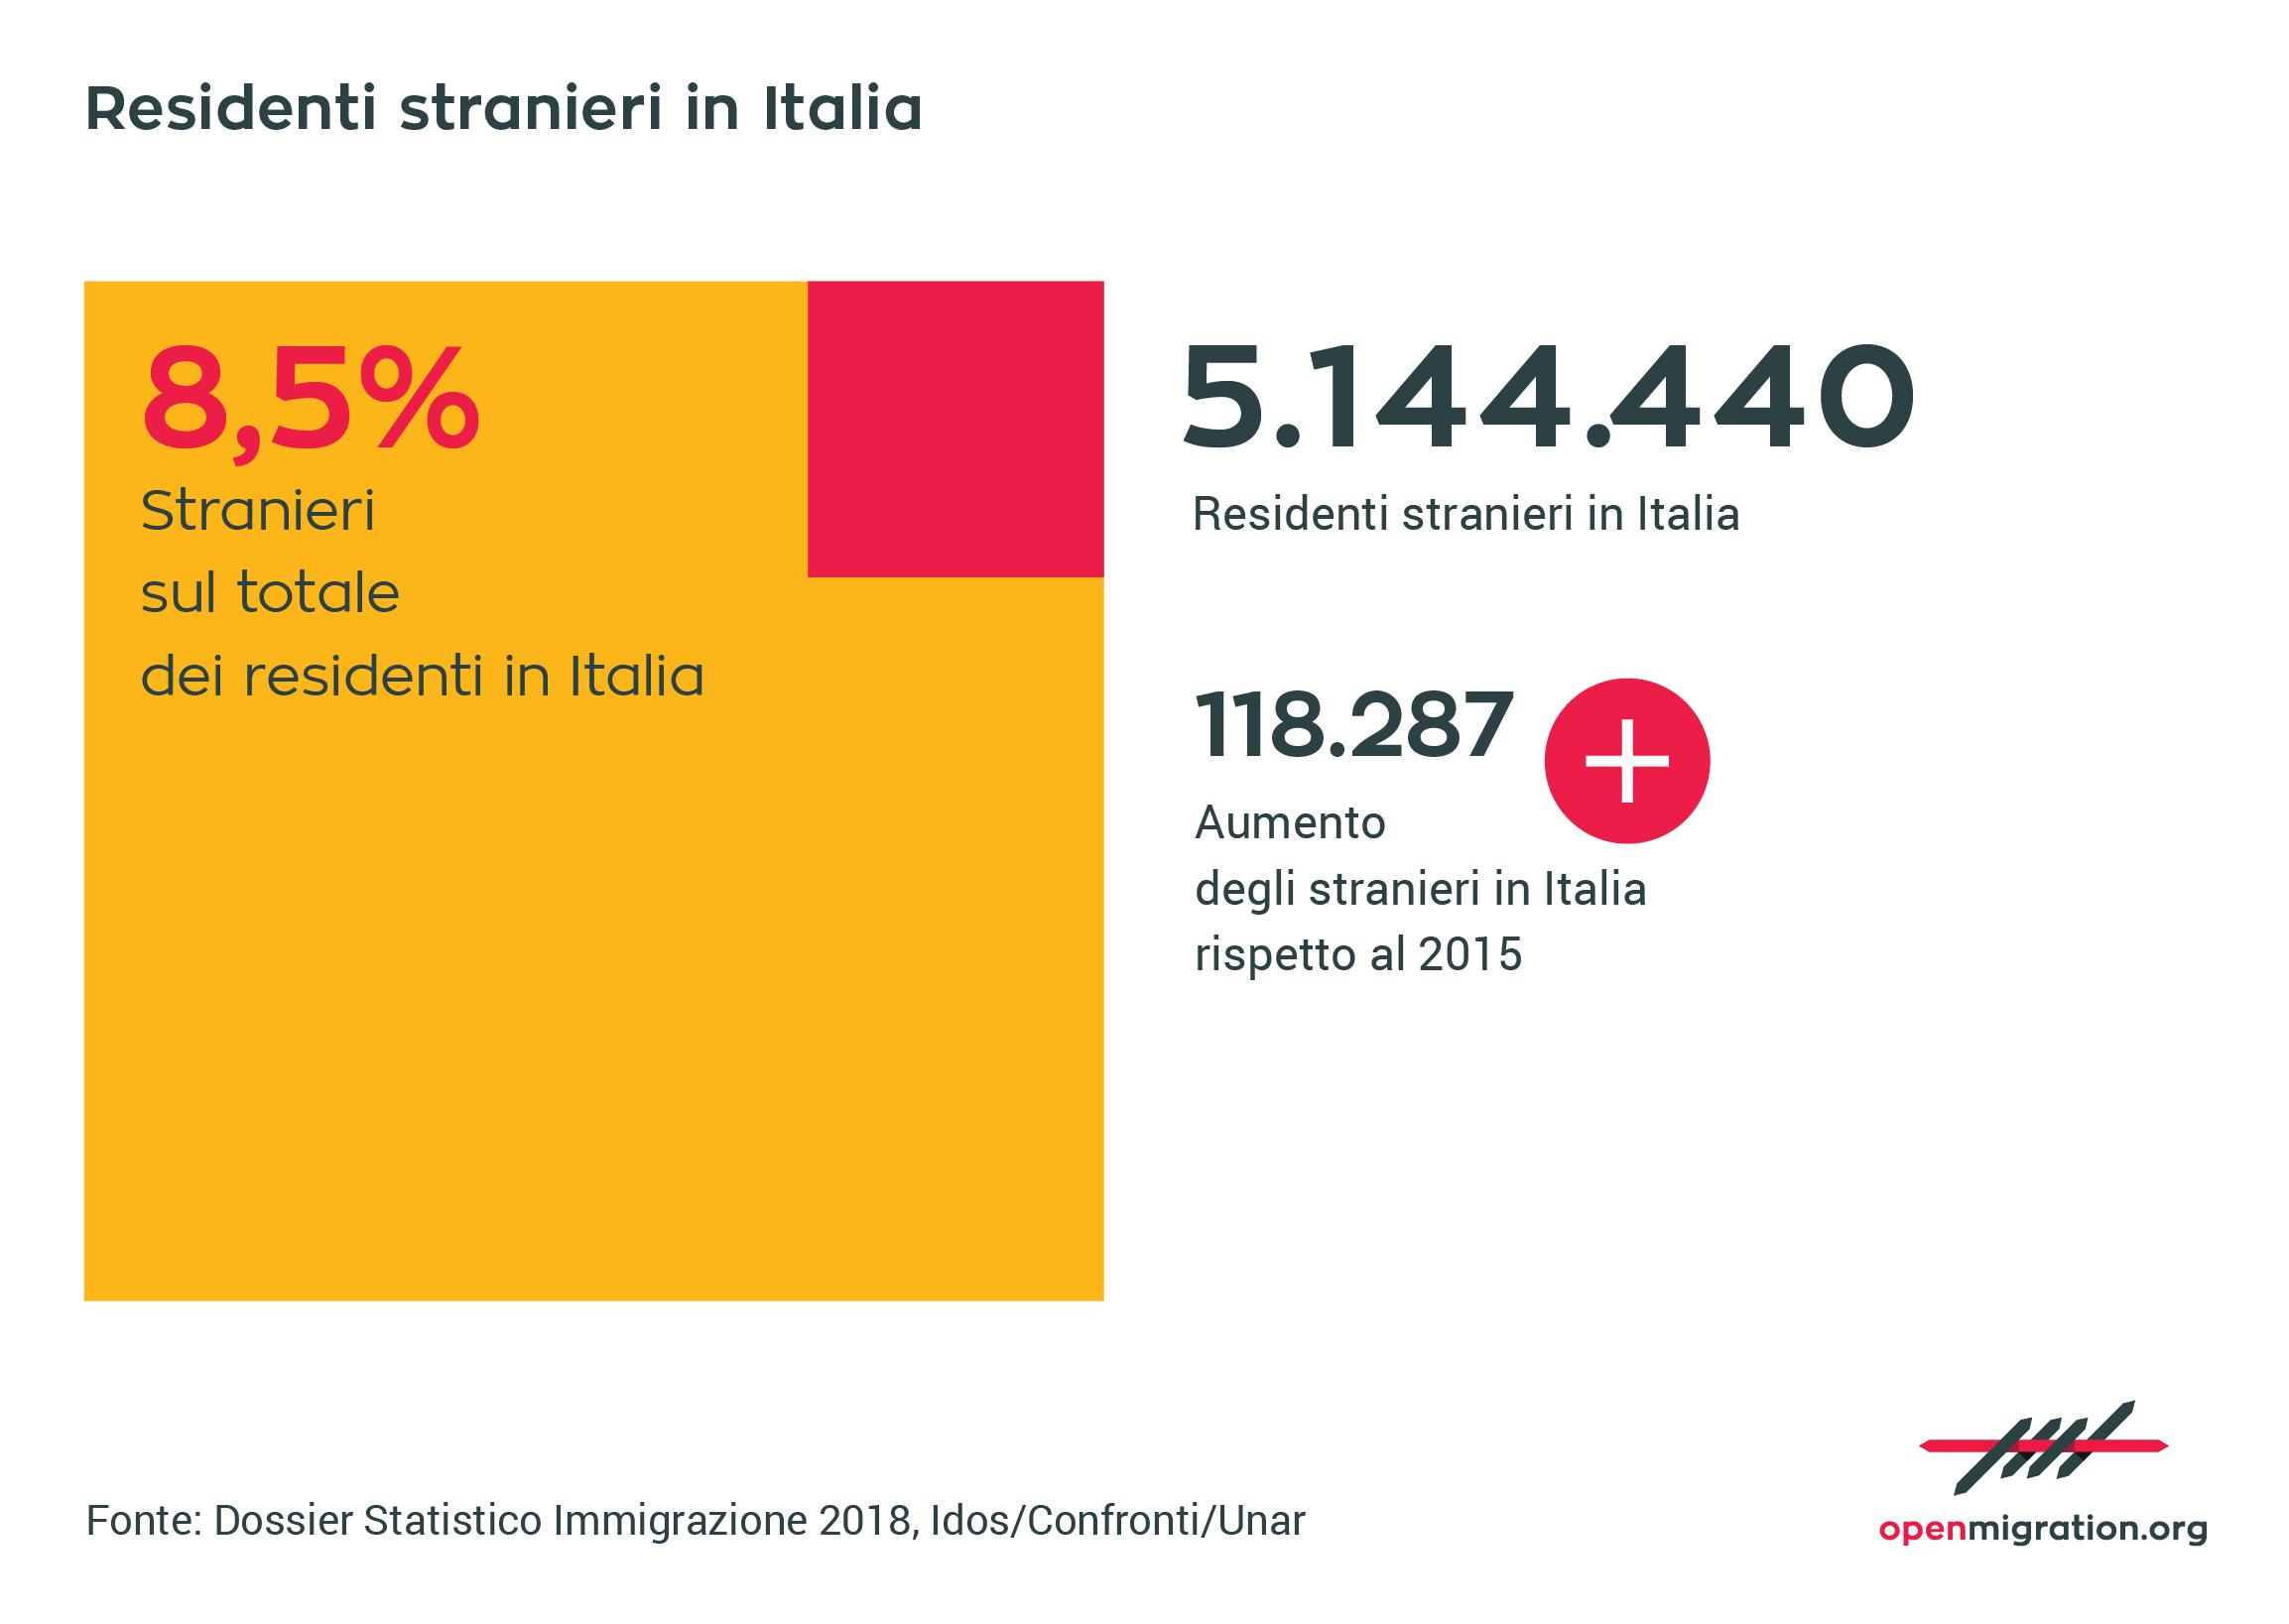 Residenti stranieri in Italia